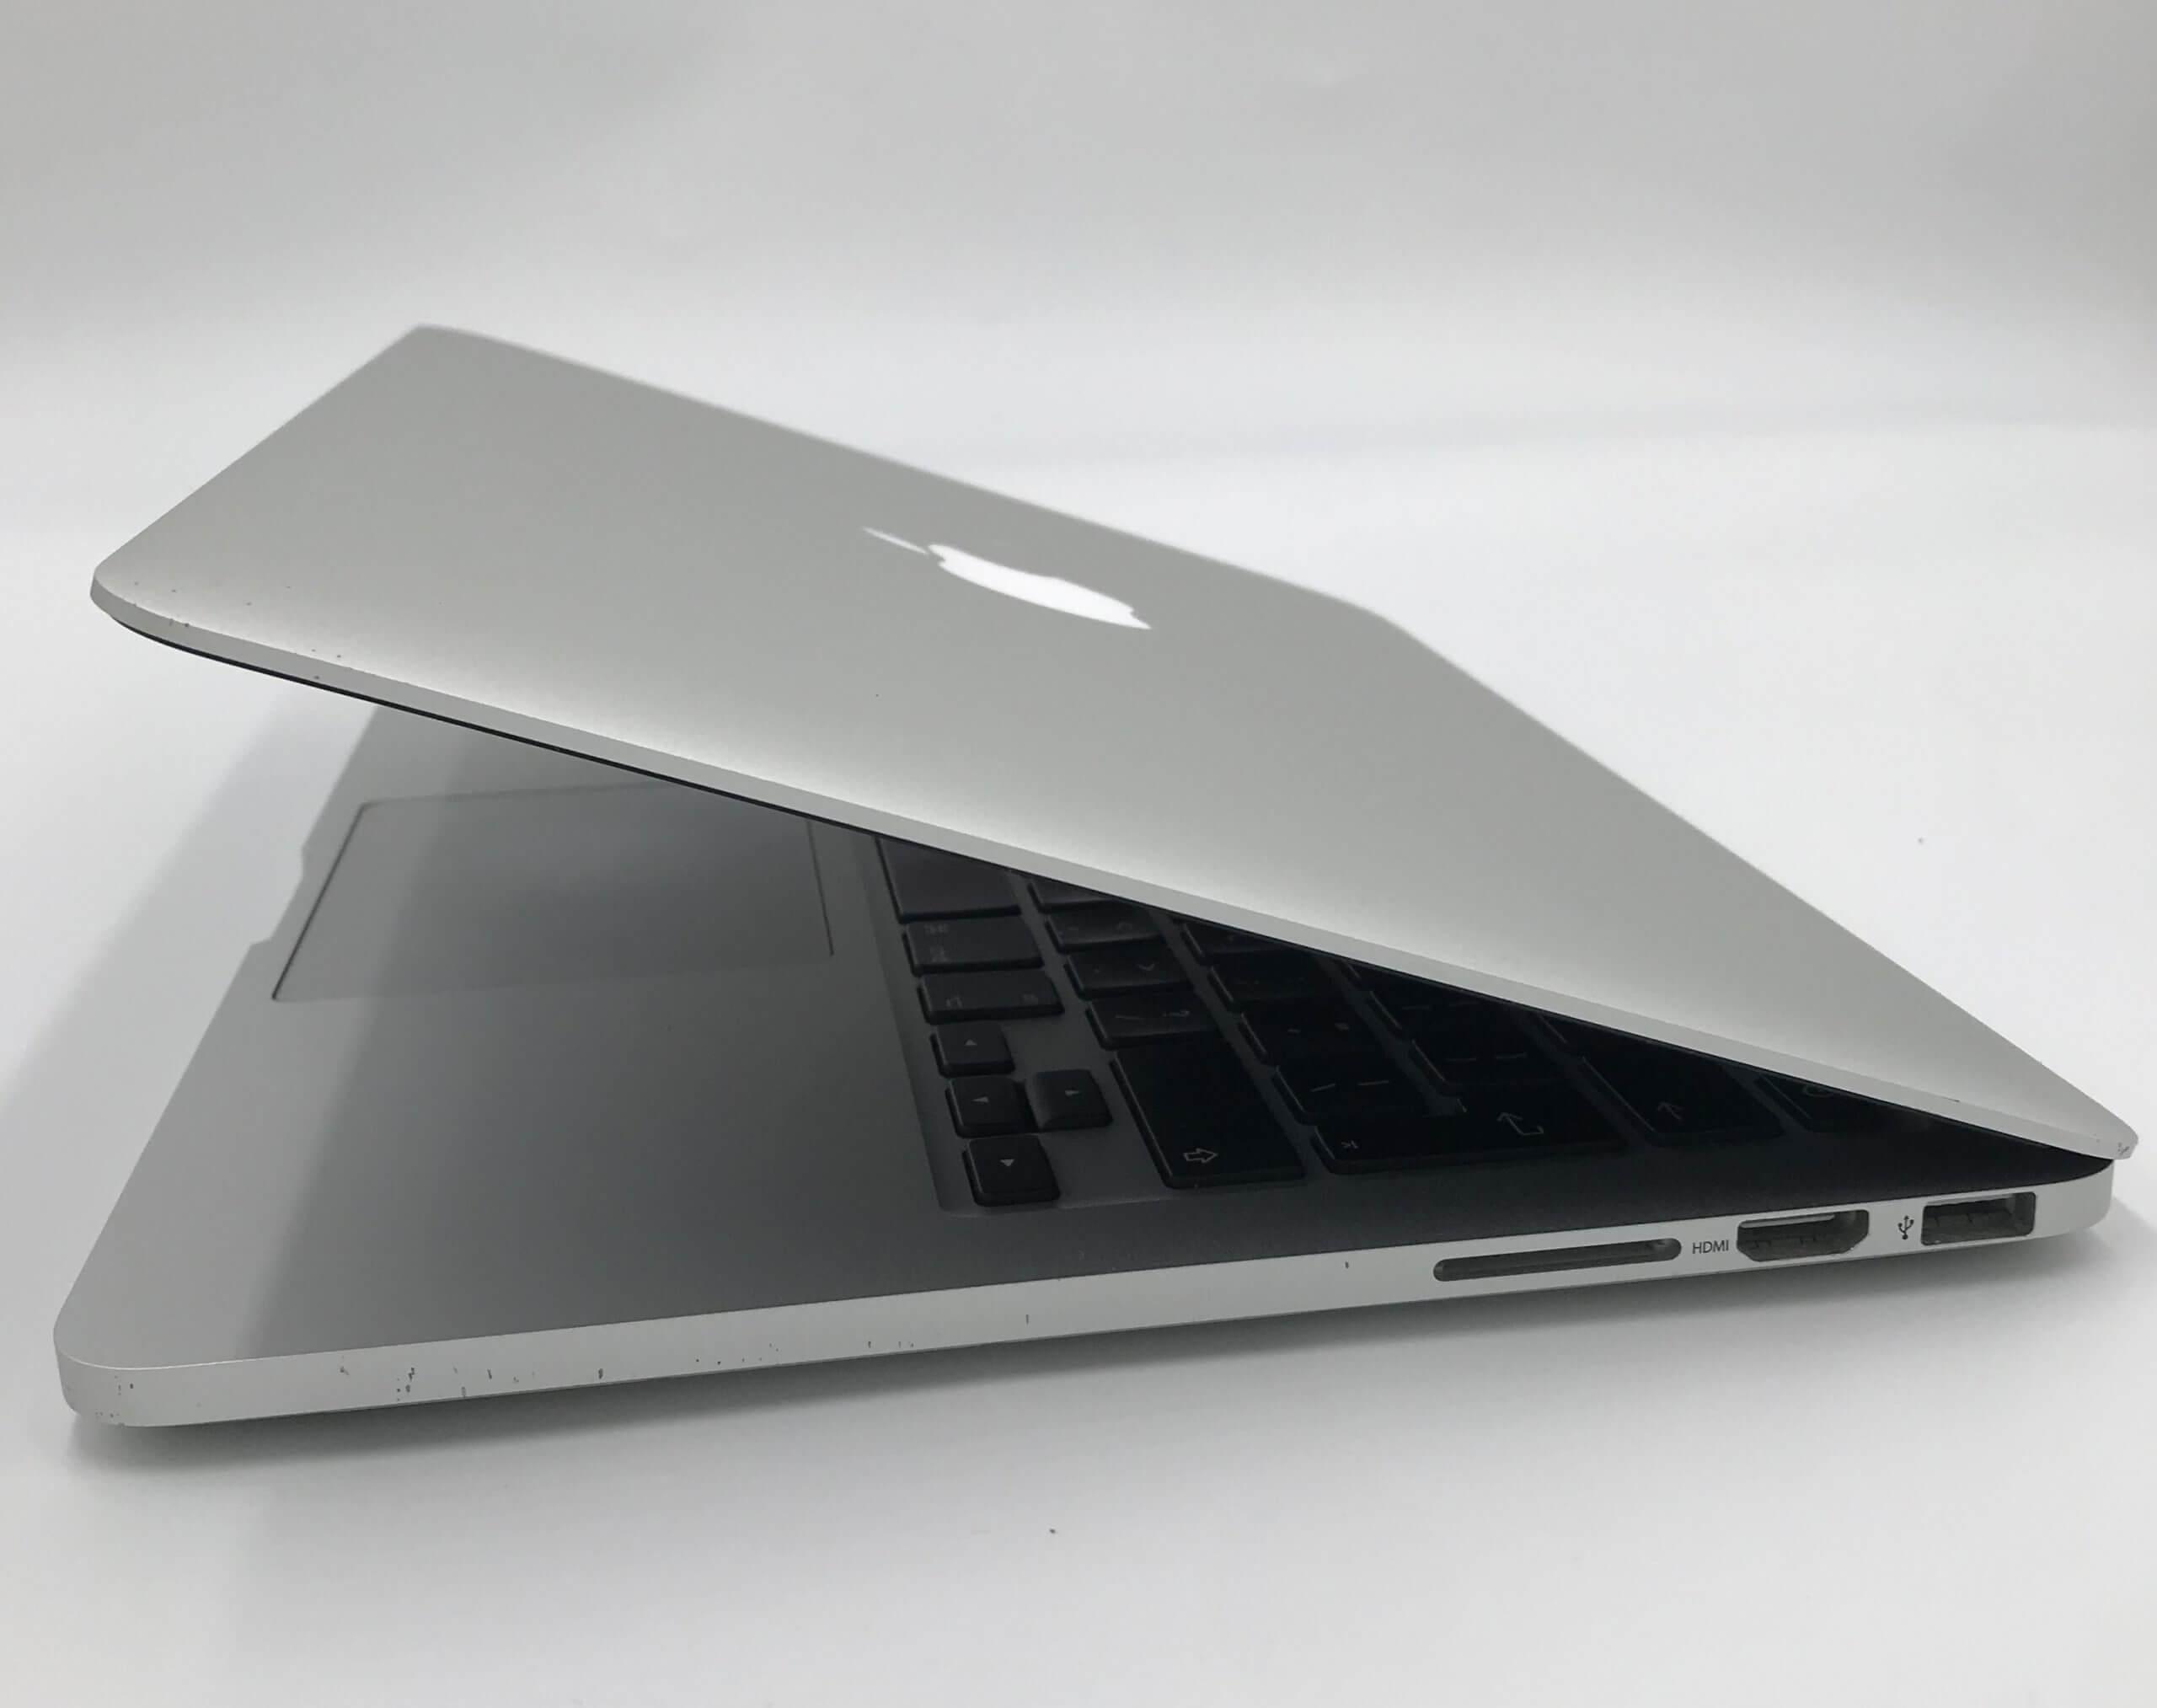 MacBook Pro 2015 3